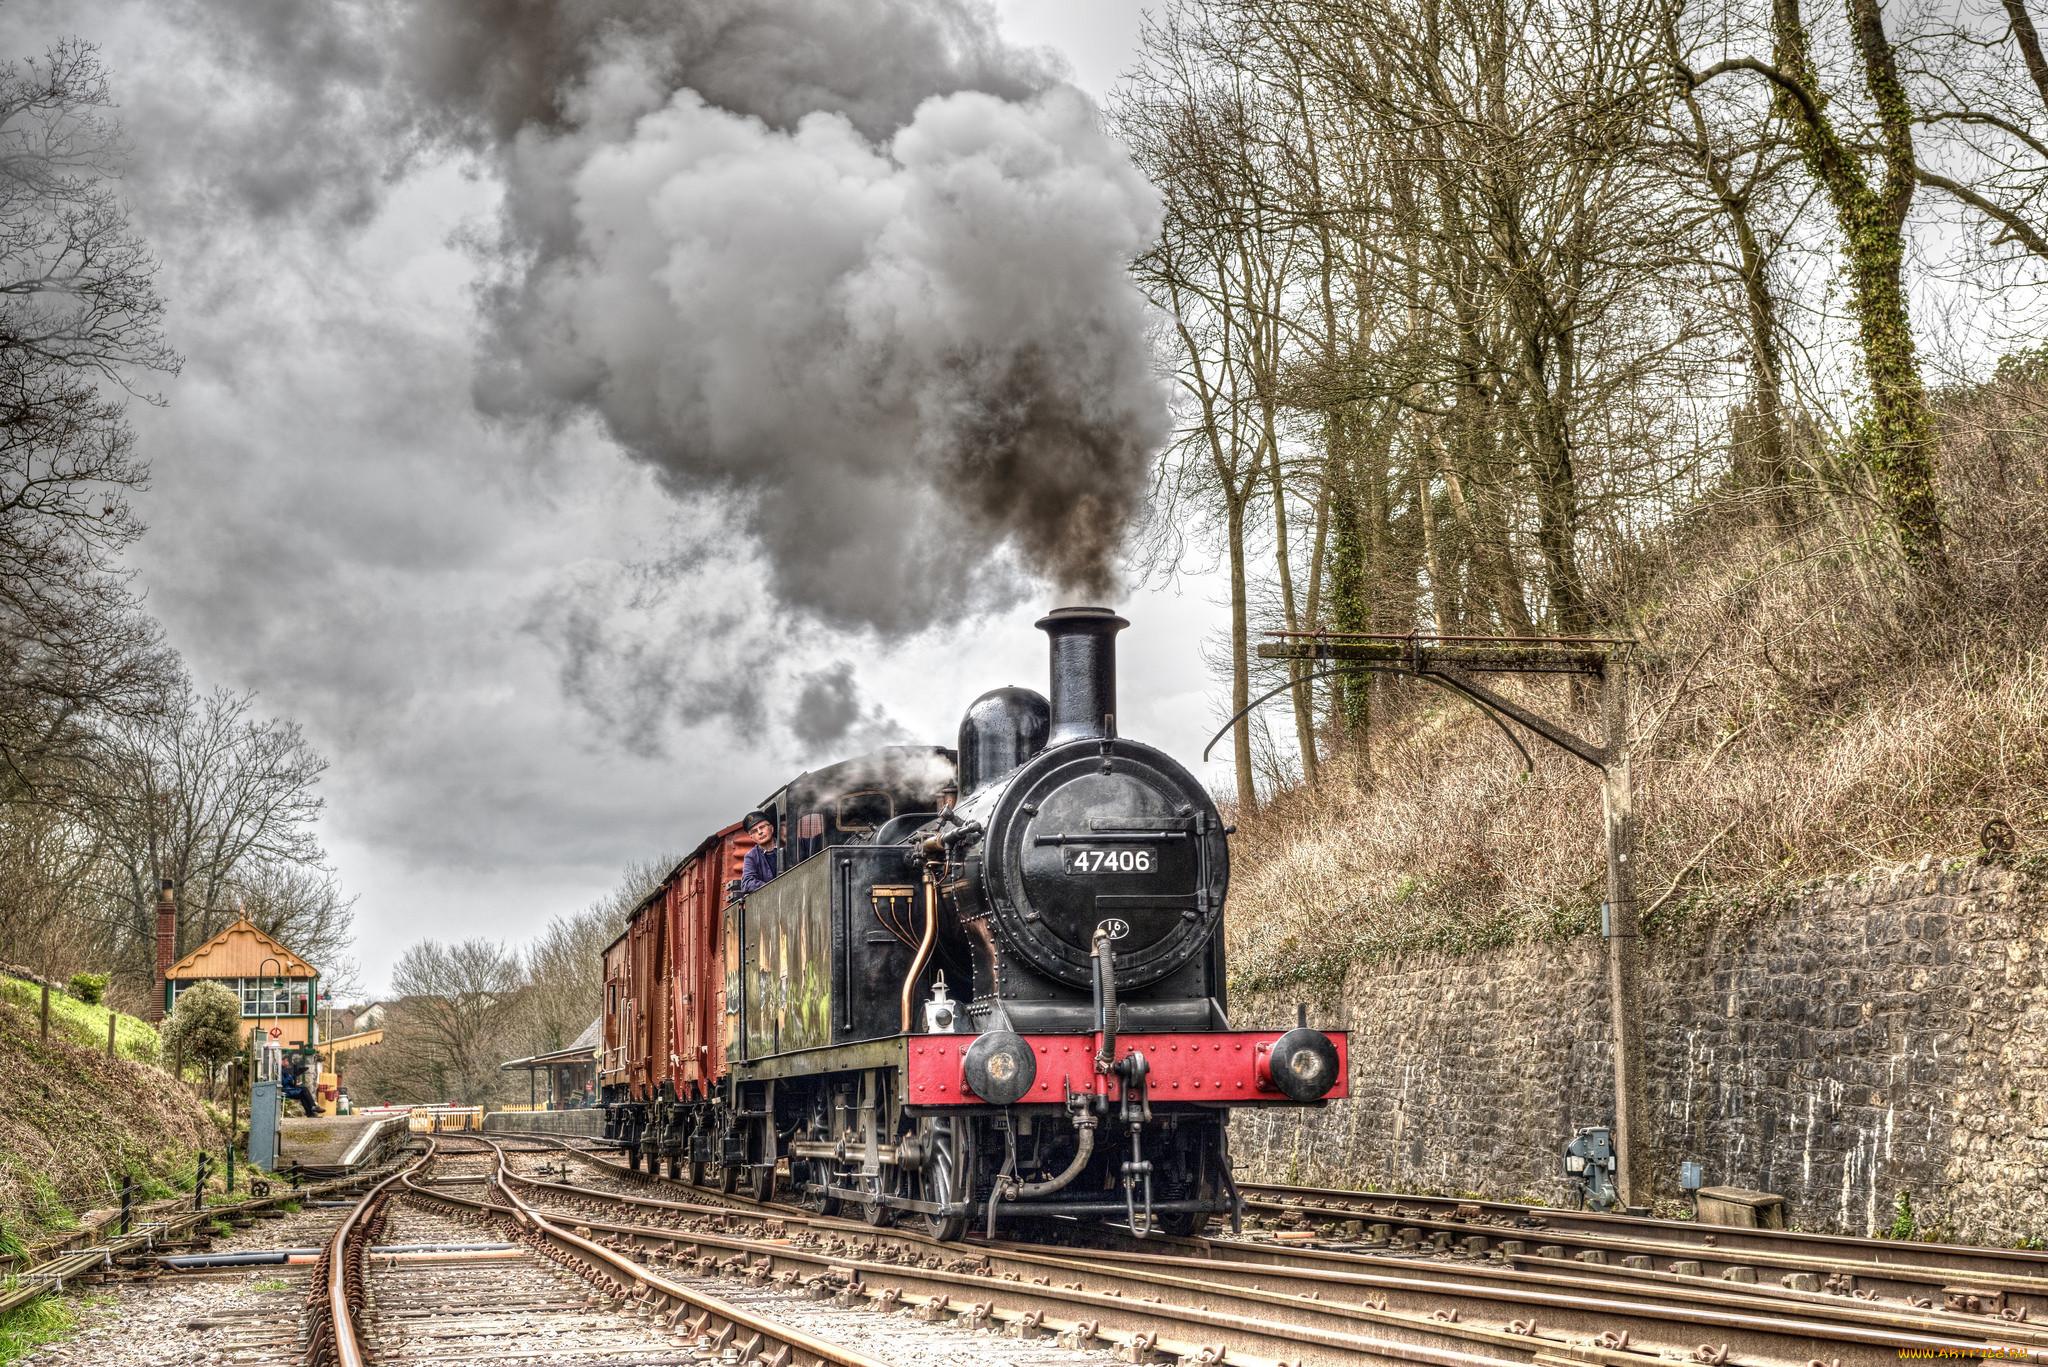 техника, паровозы, состав, локомотив